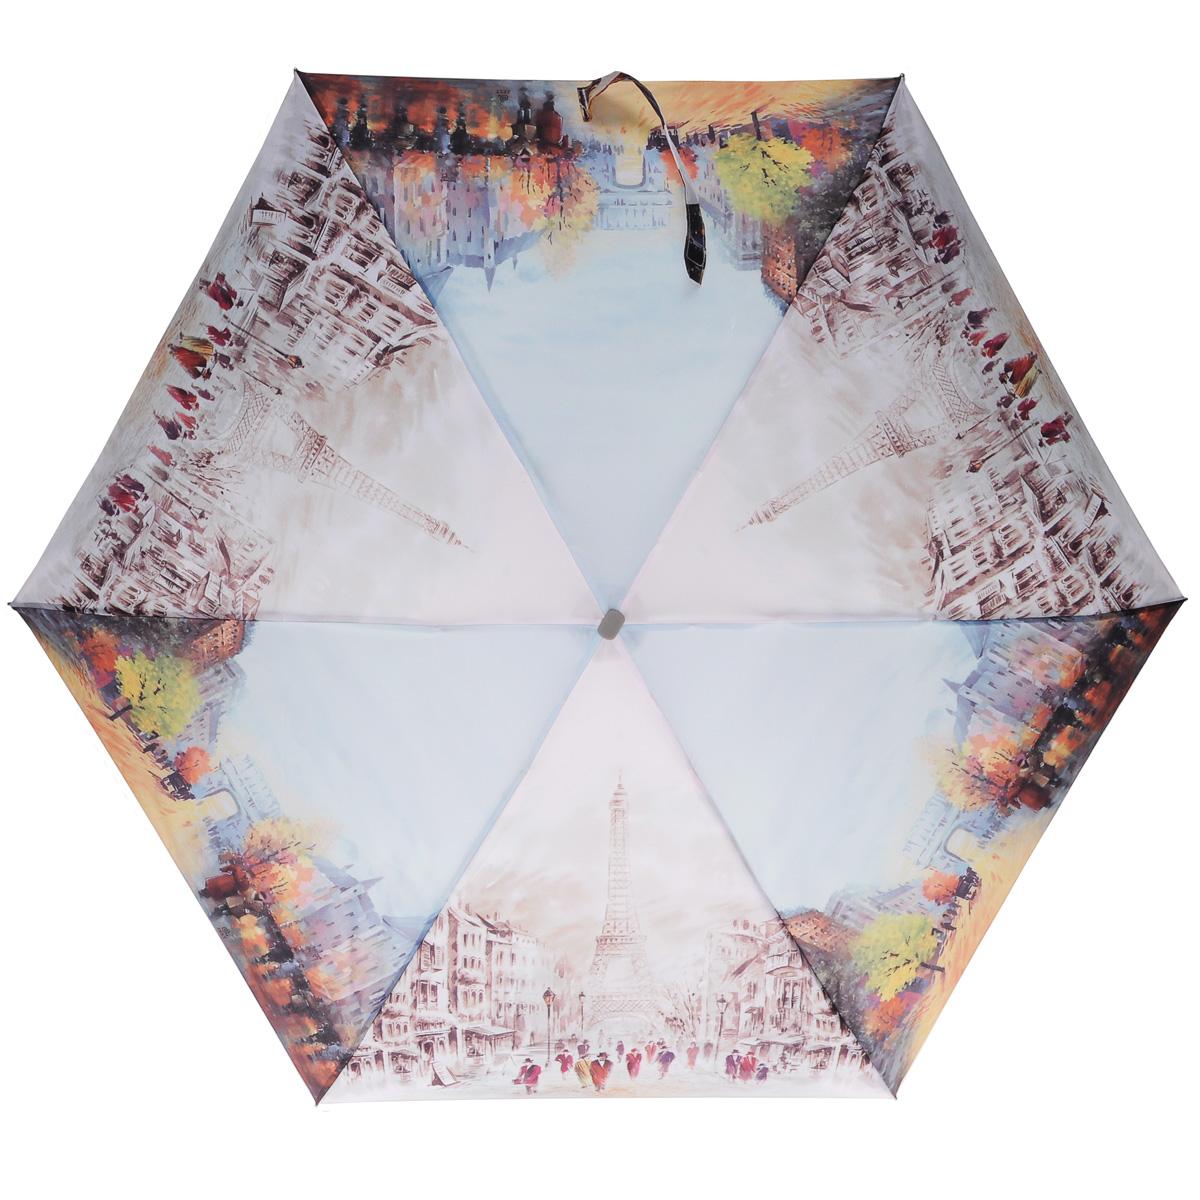 Зонт женский Zest, механический, 5 сложений, цвет: голубой, розовый. 25515-801825515-8018Очаровательный механический зонт Zest в 5 сложений изготовлен из высокопрочных материалов. Каркас зонта состоит из 6 спиц из фибергласса и прочного алюминиевого стержня. Специальная система Windproof защищает его от поломок во время сильных порывов ветра. Купол зонта выполнен из прочного полиэстера с водоотталкивающей пропиткой и оформлен изображением достопримечательностей Парижа. Используемые высококачественные красители обеспечивают длительное сохранение свойств ткани купола. Рукоятка, разработанная с учетом требований эргономики, выполнена из пластика. Зонт механического сложения: купол открывается и закрывается вручную до характерного щелчка. Небольшой шнурок, расположенный на рукоятке, позволяет надеть изделие на руку при необходимости. К зонту прилагается чехол. Такой зонт не только надежно защитит вас от дождя, но и станет стильным аксессуаром, который идеально подчеркнет ваш неповторимый образ.